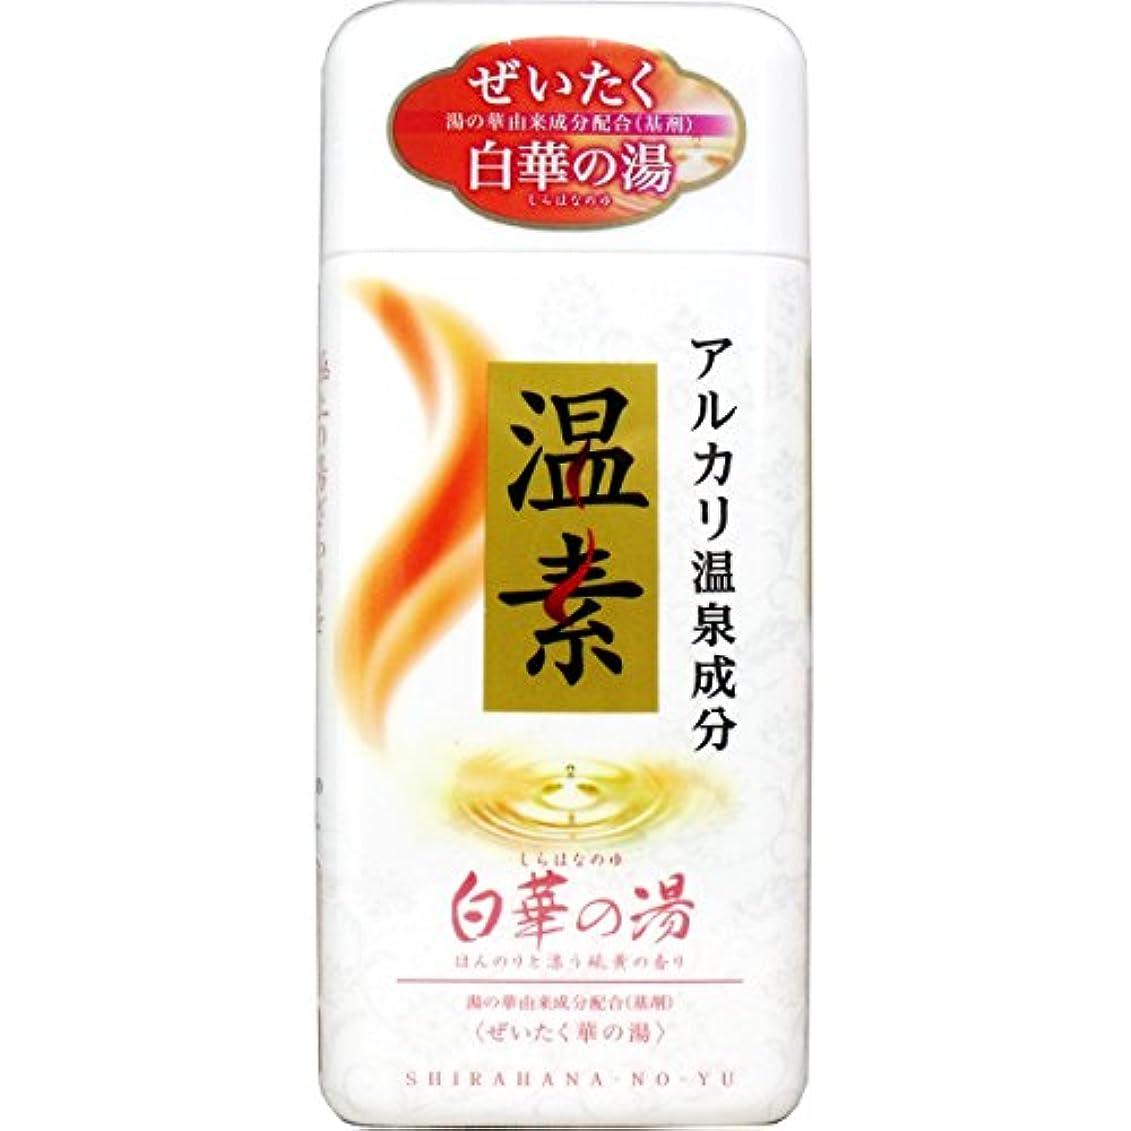 入浴剤 ぜいたく華の湯 リラックス用品 アルカリ温泉成分 温素 入浴剤 白華の湯 硫黄の香り 600g入【2個セット】